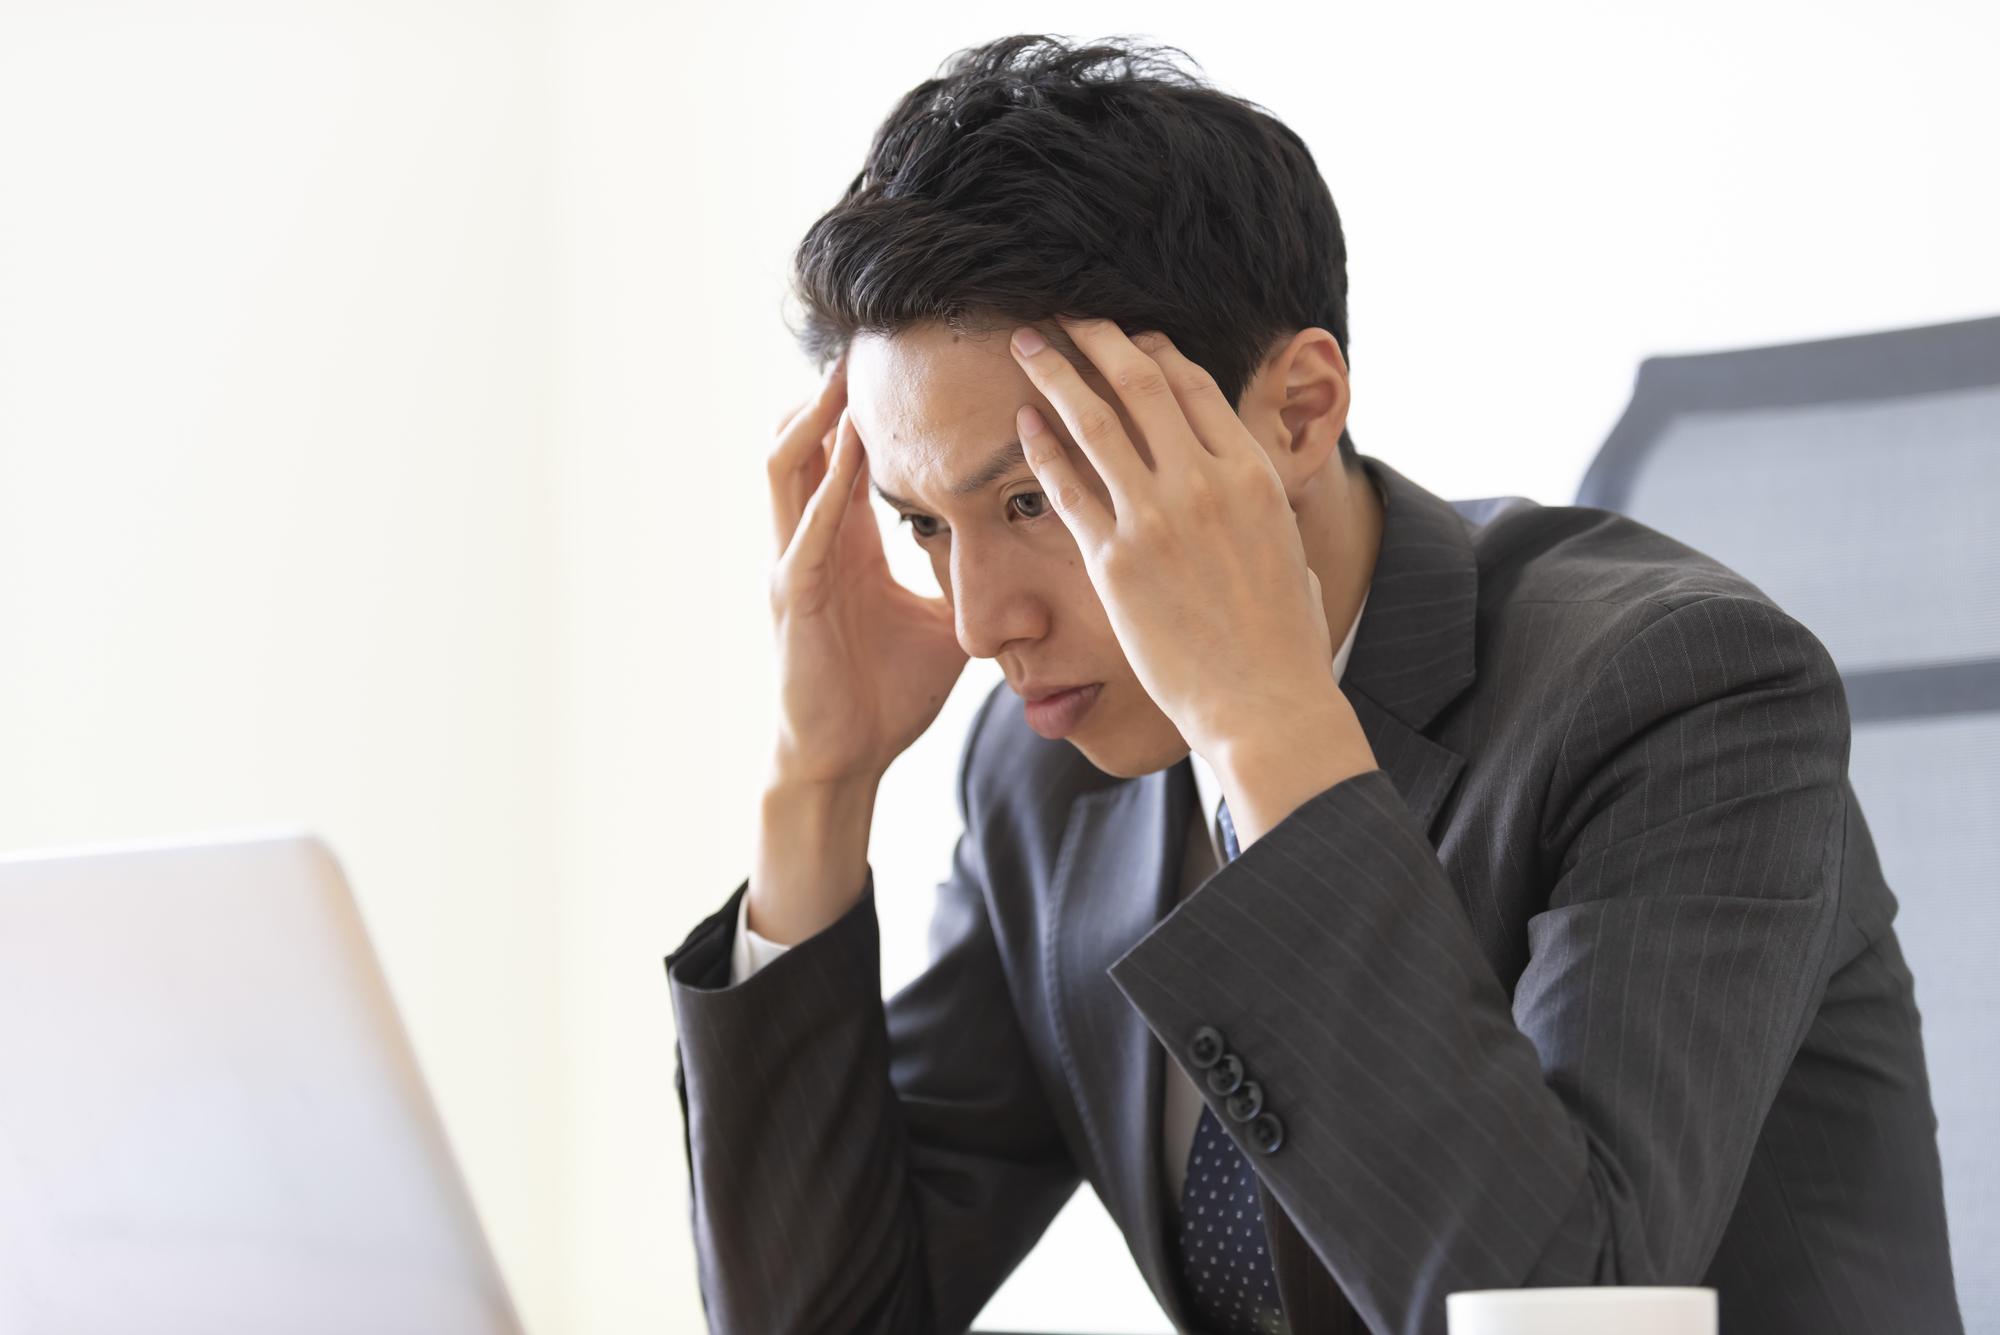 仕組債やレアルリンク債のノックインで悩む銀行員